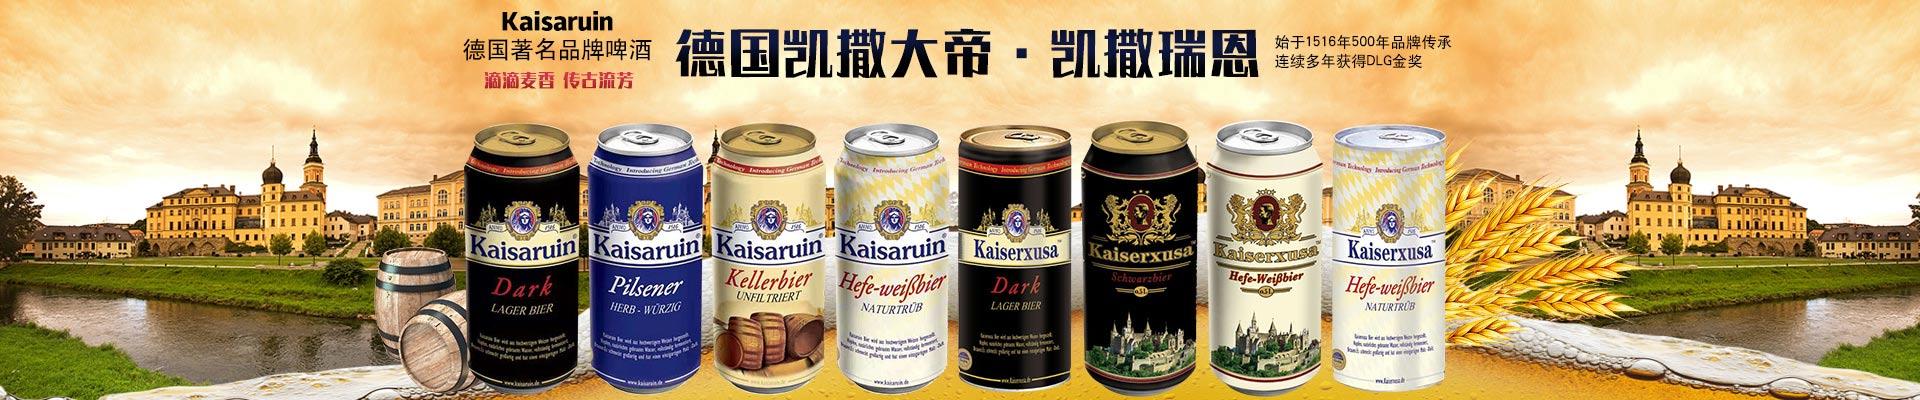 山东春雷啤酒集团有限公司